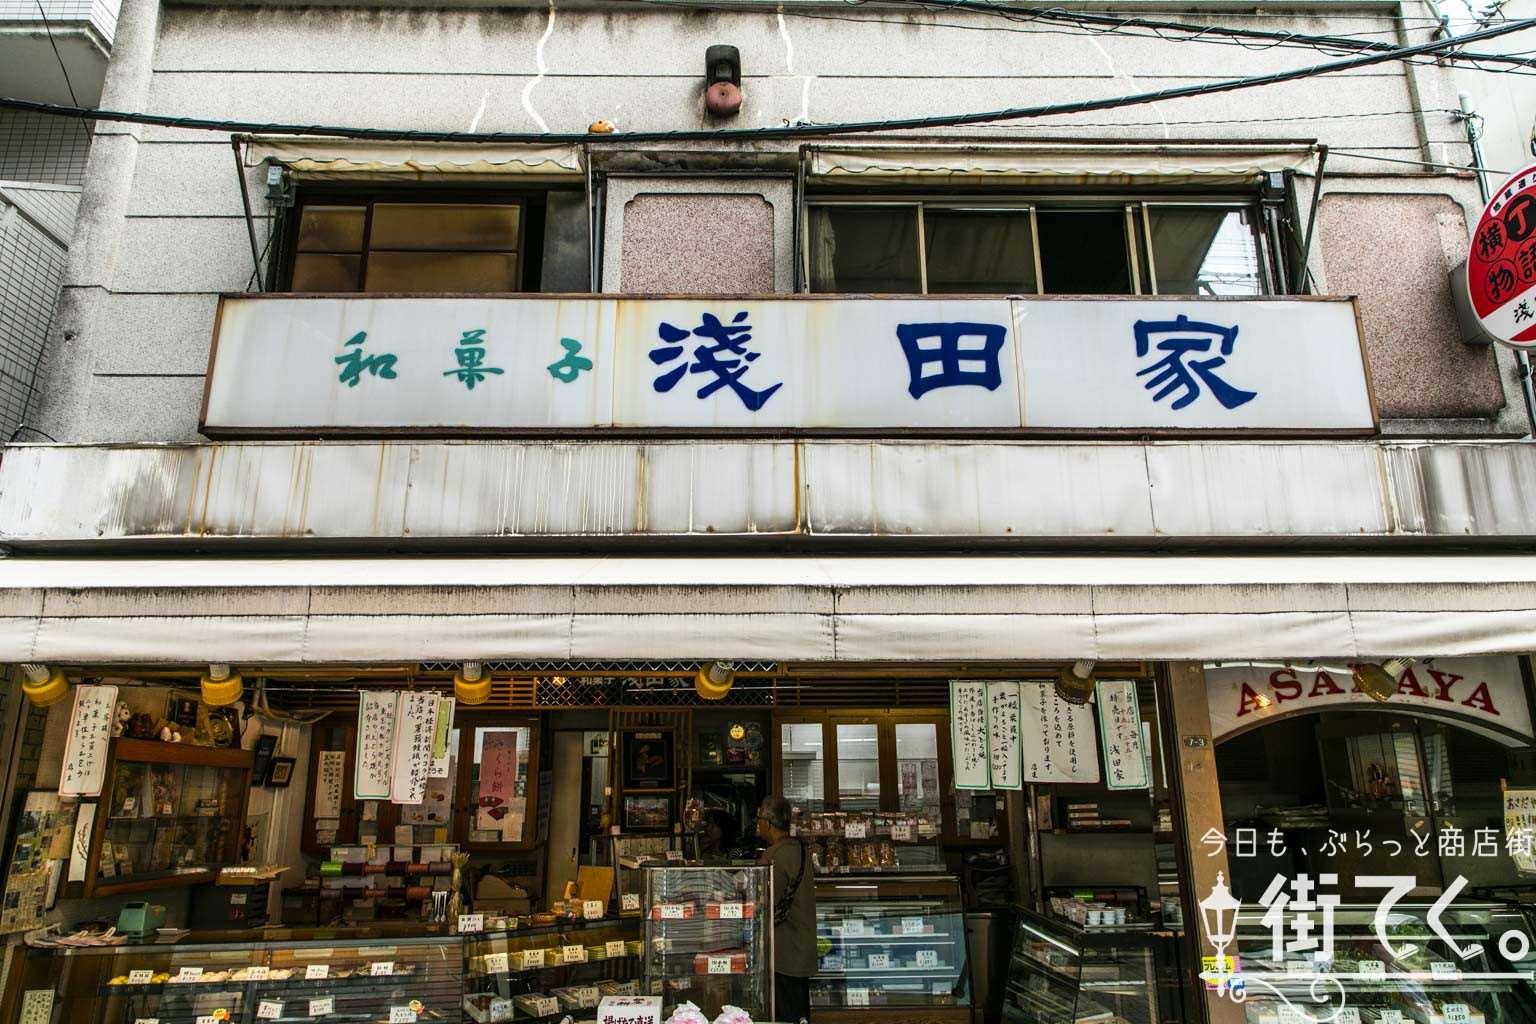 浅田家和菓子店